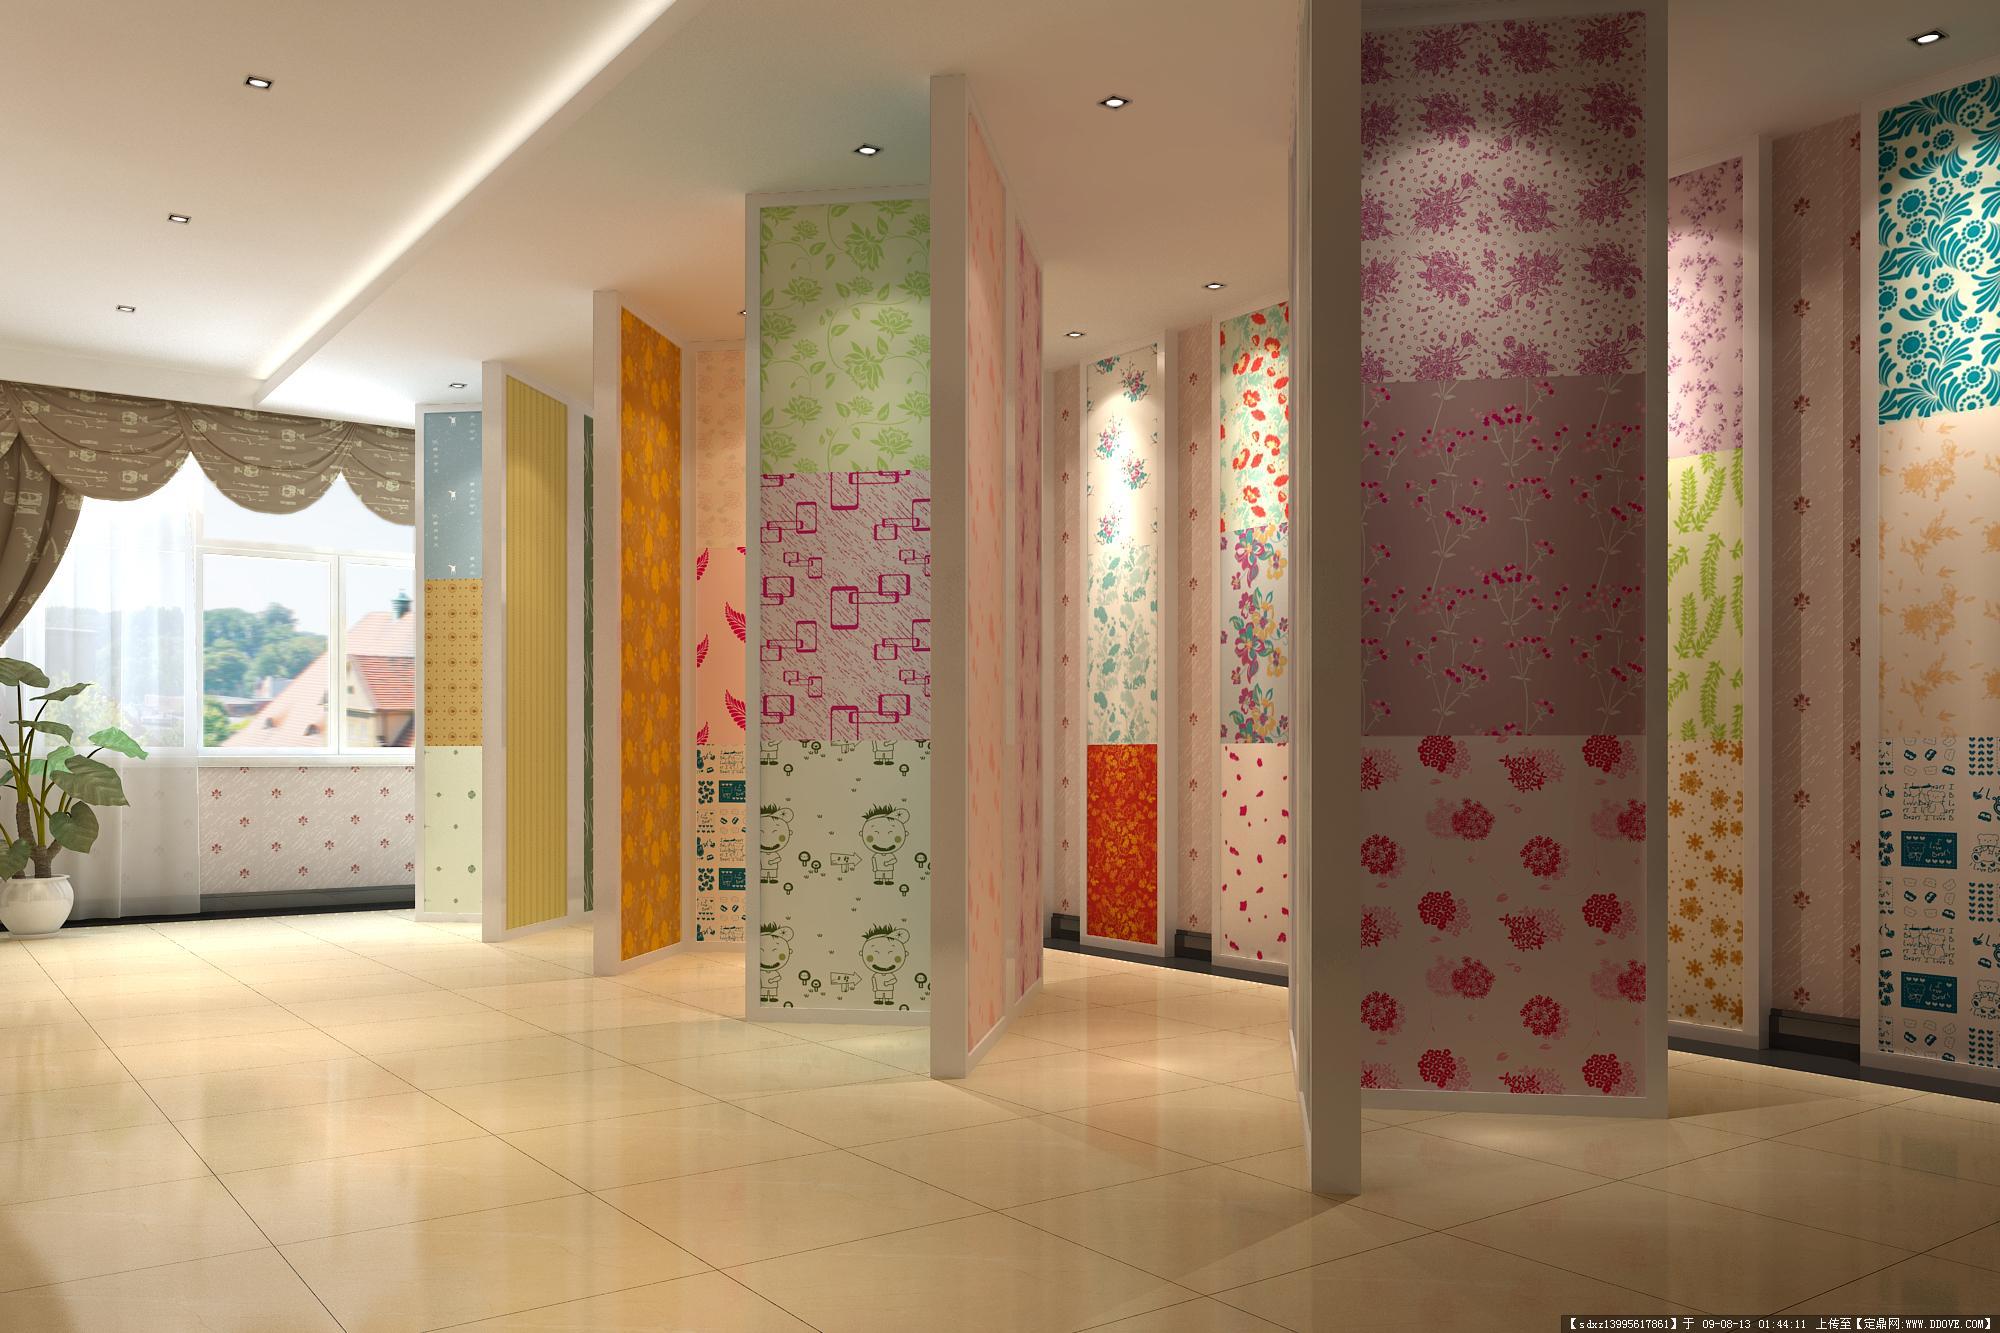 帝七秀墙纸店-室内空间墙纸运用效果美图